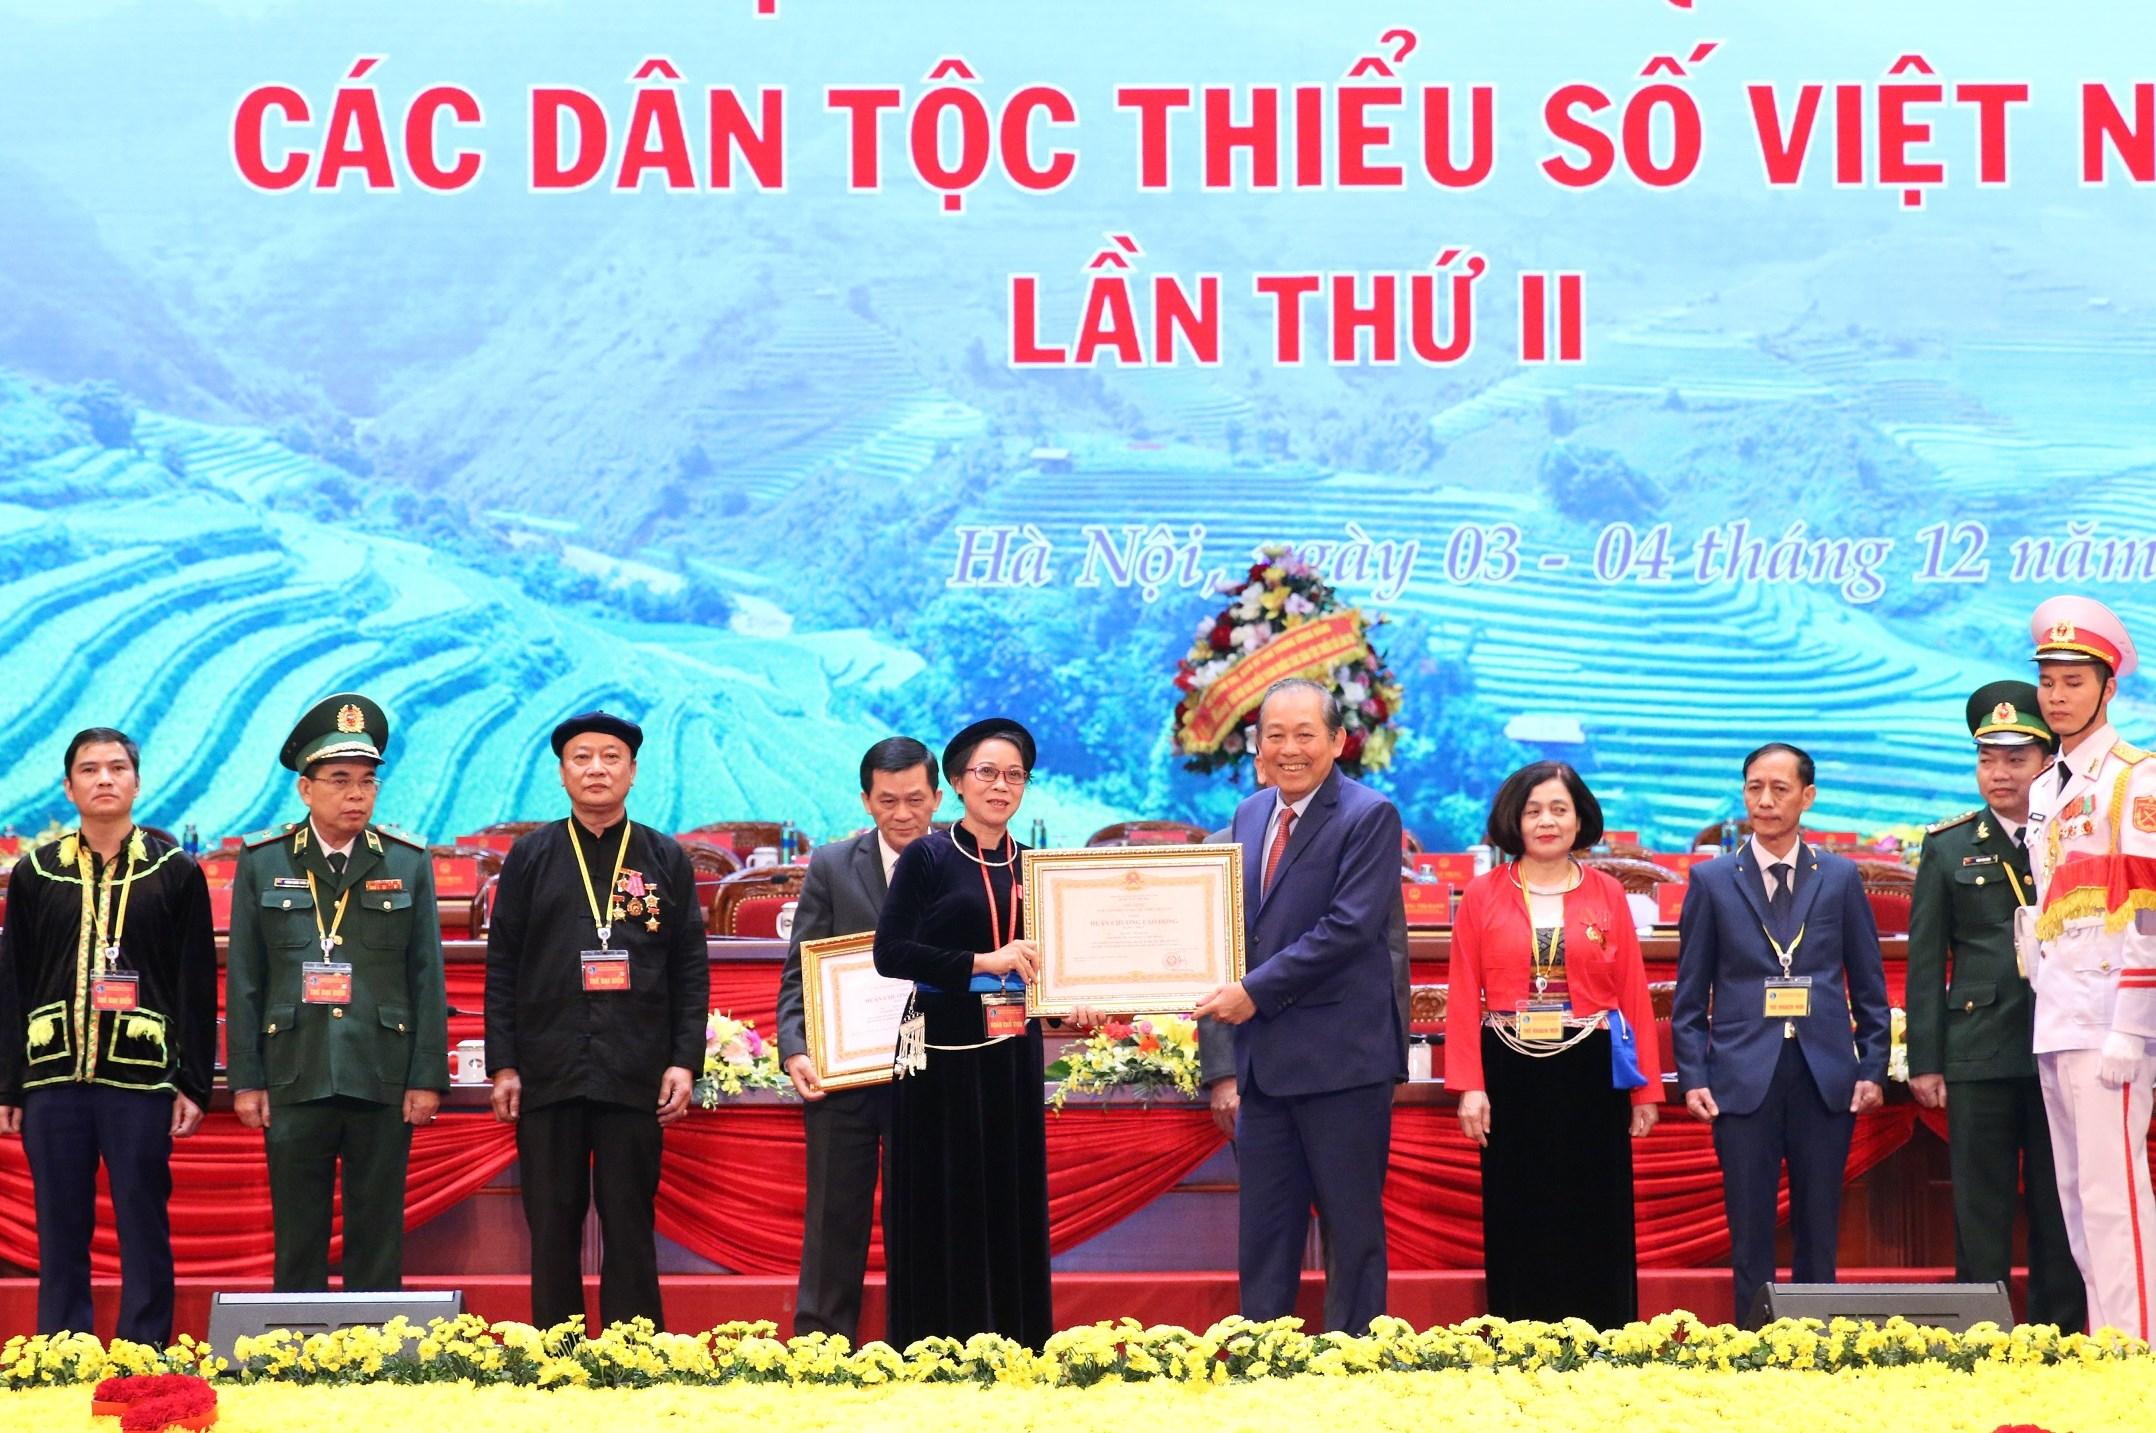 Phó Thủ tướng Thường trực Chính phủ Trương Hòa Bình trao tặng Huân chương lao động hạng Nhất cho Thứ trưởng, Phó Chủ nhiệm UBDT Hoàng Thị Hạnh